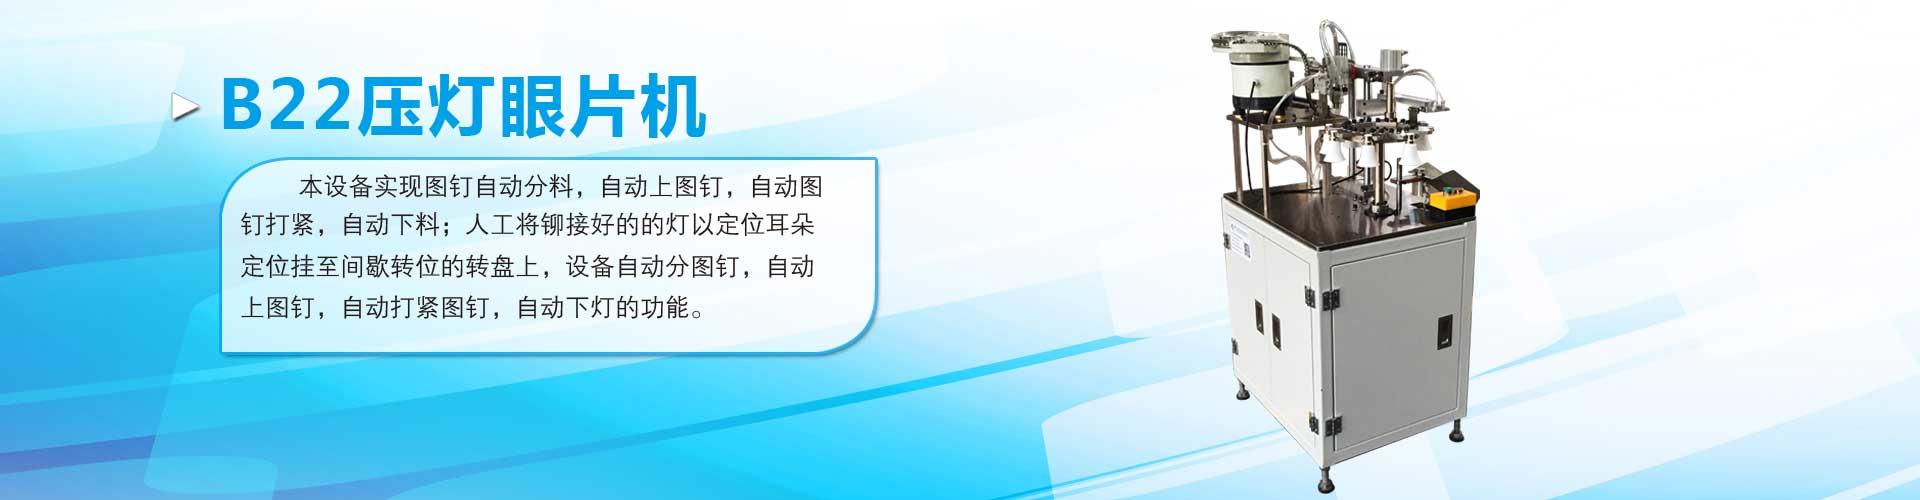 福建B22压灯眼片机专业供应莆田B22压灯眼片机